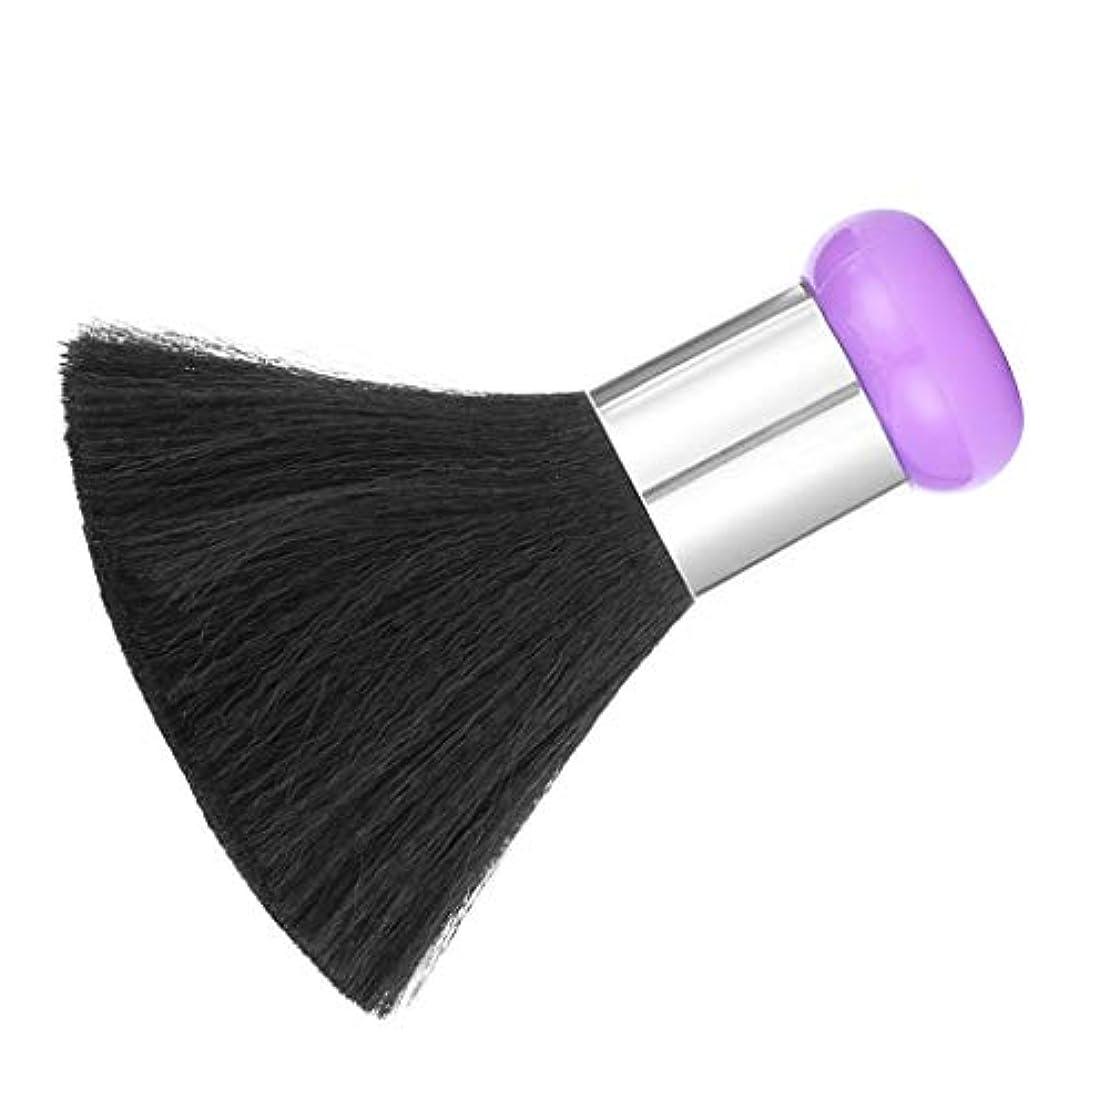 しがみつく構成員硬いヘアカットヘアカットブラシネックダスタークリーニングヘアブラシサロンバーバーツール - 紫